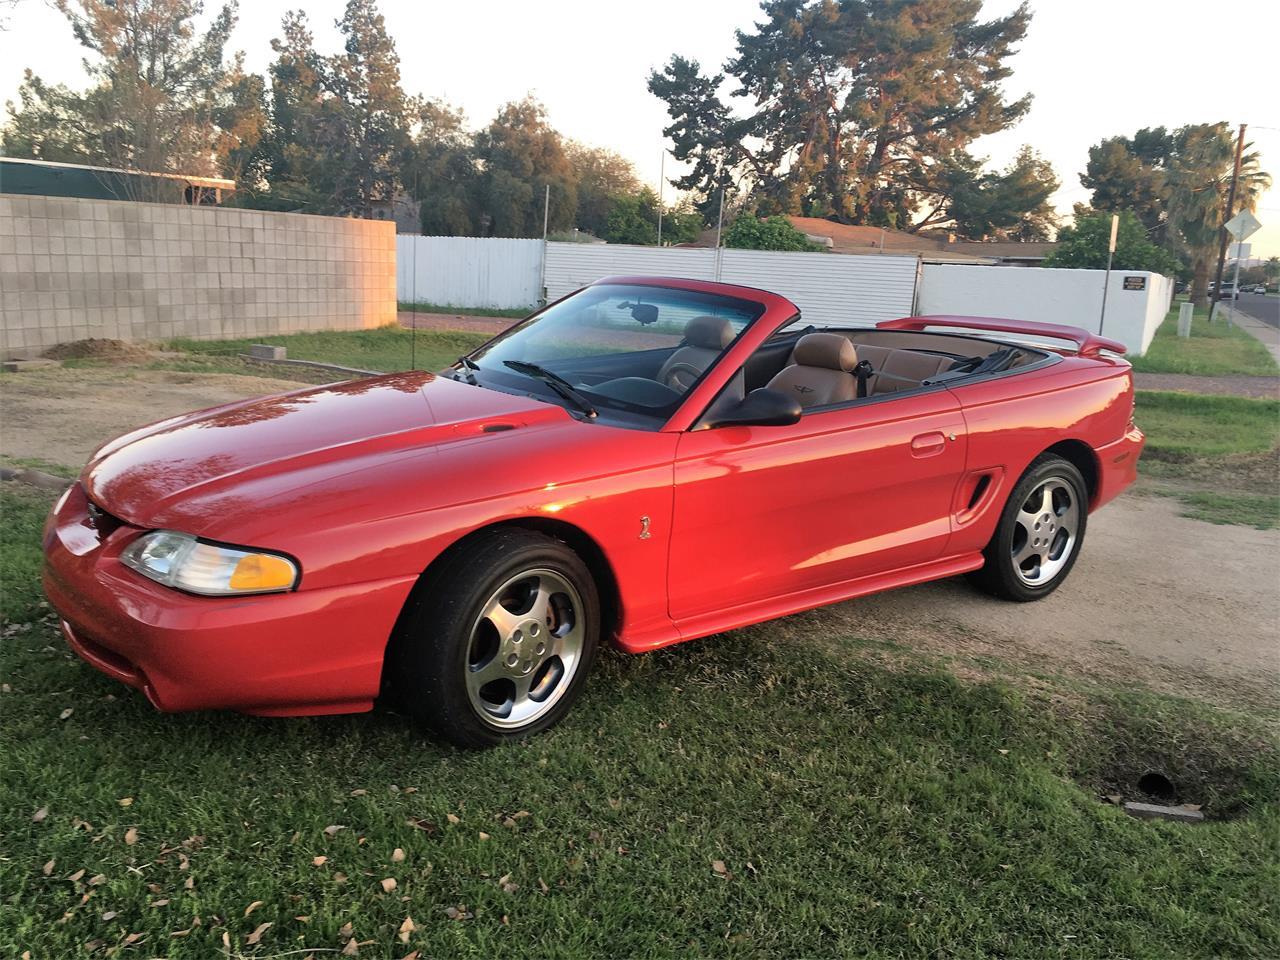 1994 ford mustang cobra for sale classiccars com cc 1057658 1975 Ford Mustang large picture of \u002794 mustang cobra mo3e